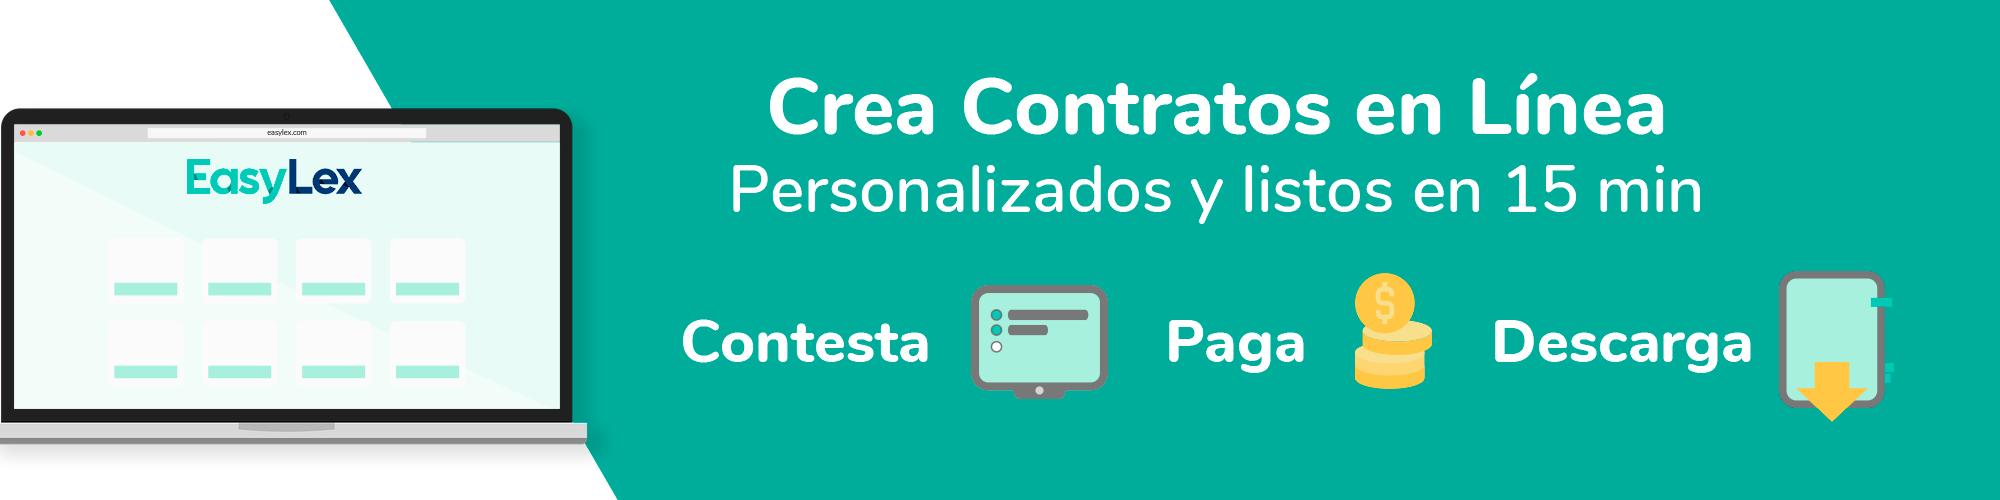 crea-y-administra-contratos-para-empresas-en-linea